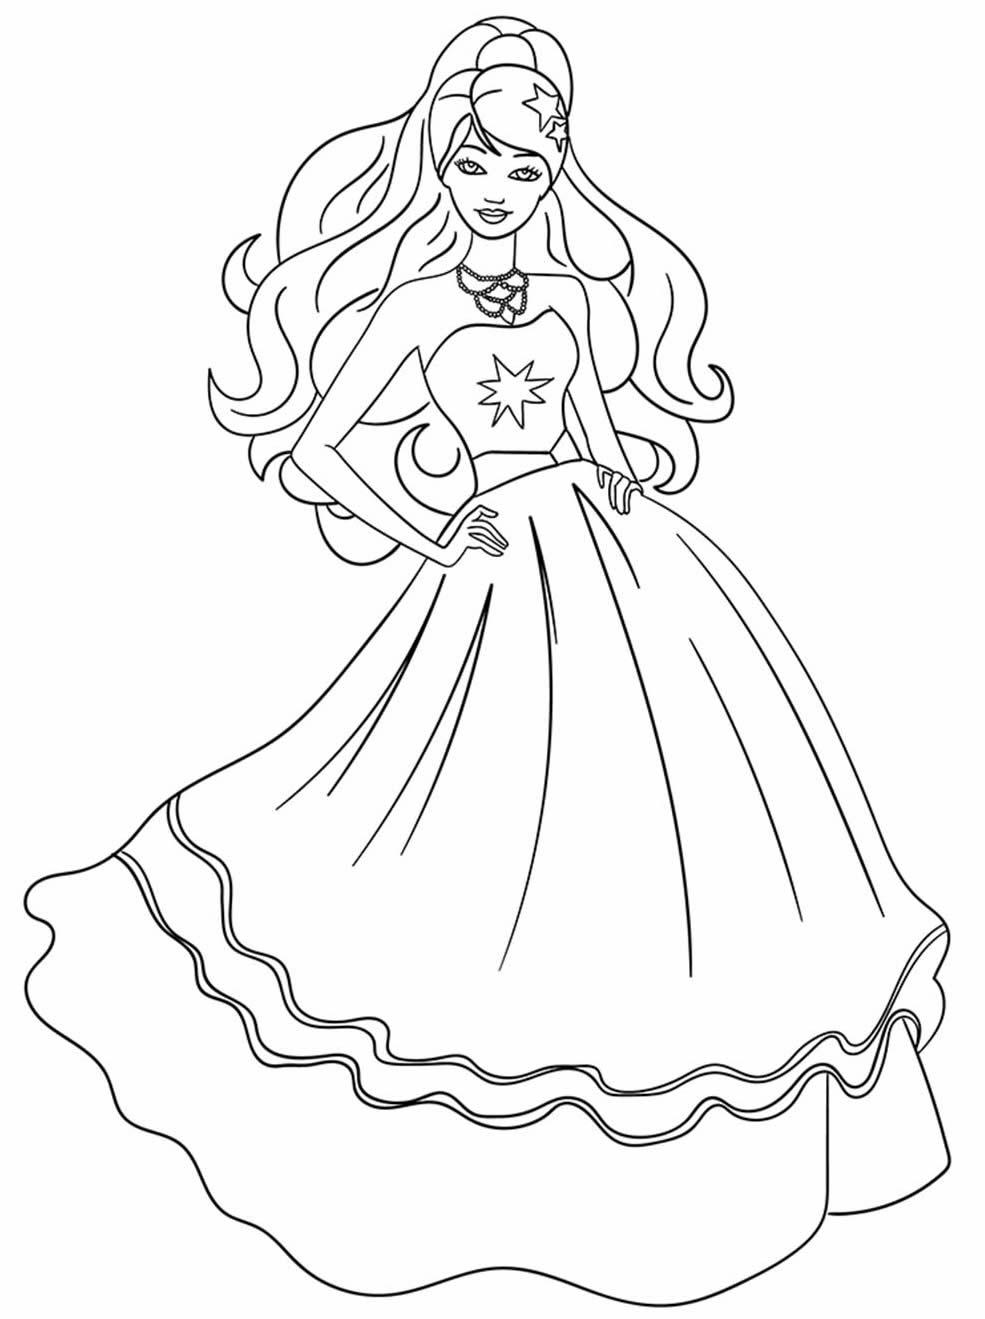 Desenho da boneca Barbie para pintar e colorir